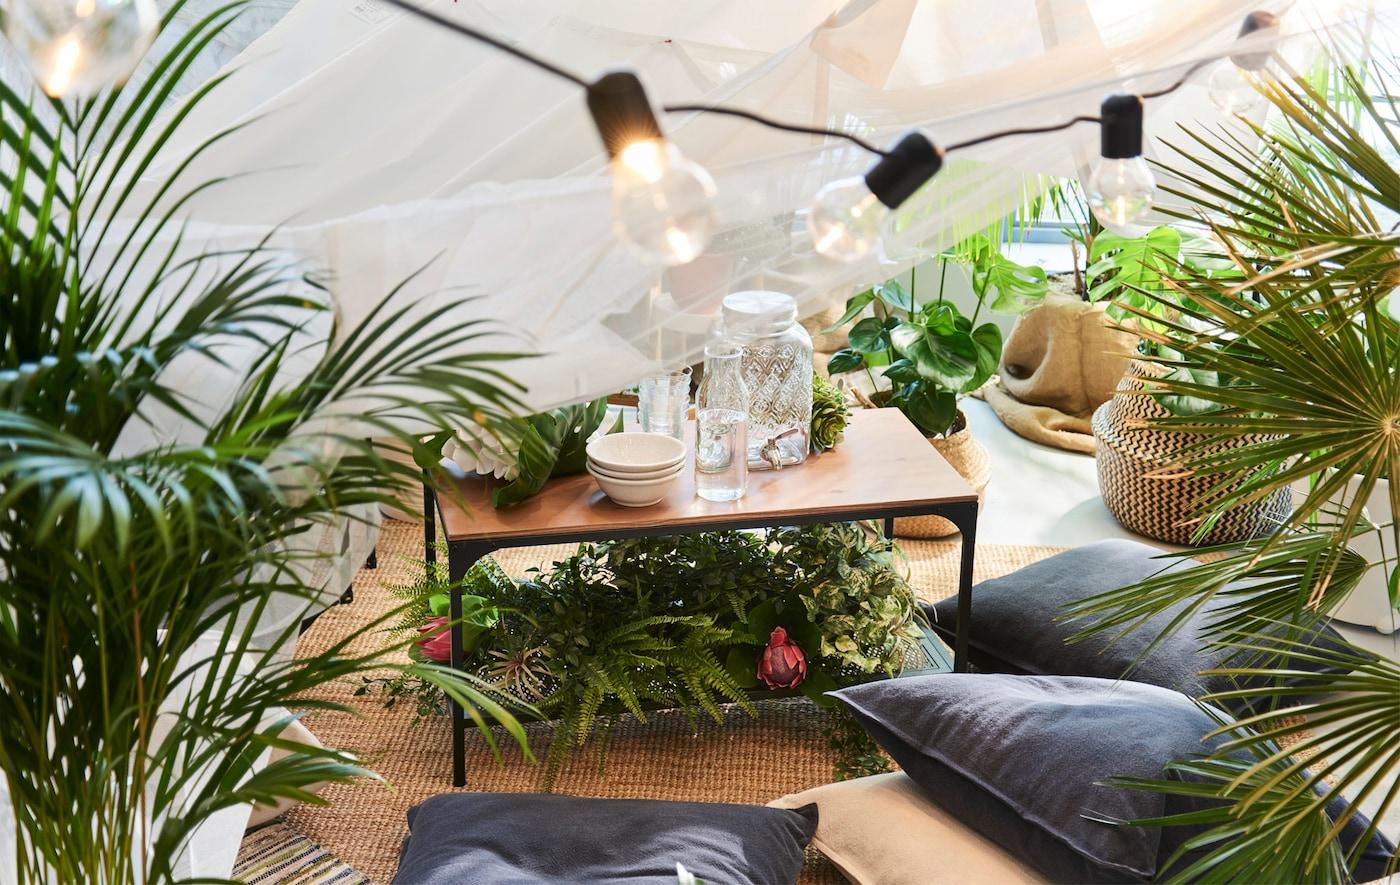 Napravi letnji piknik u zatvorenom prostoru. Okupi prijatelje oko stočića za kafu i smesti ih na udoban tepih. IKEA nudi nekoliko stočića za kafu, poput IKEA FJÄLLBO stočića od crnog metala i punog drveta.